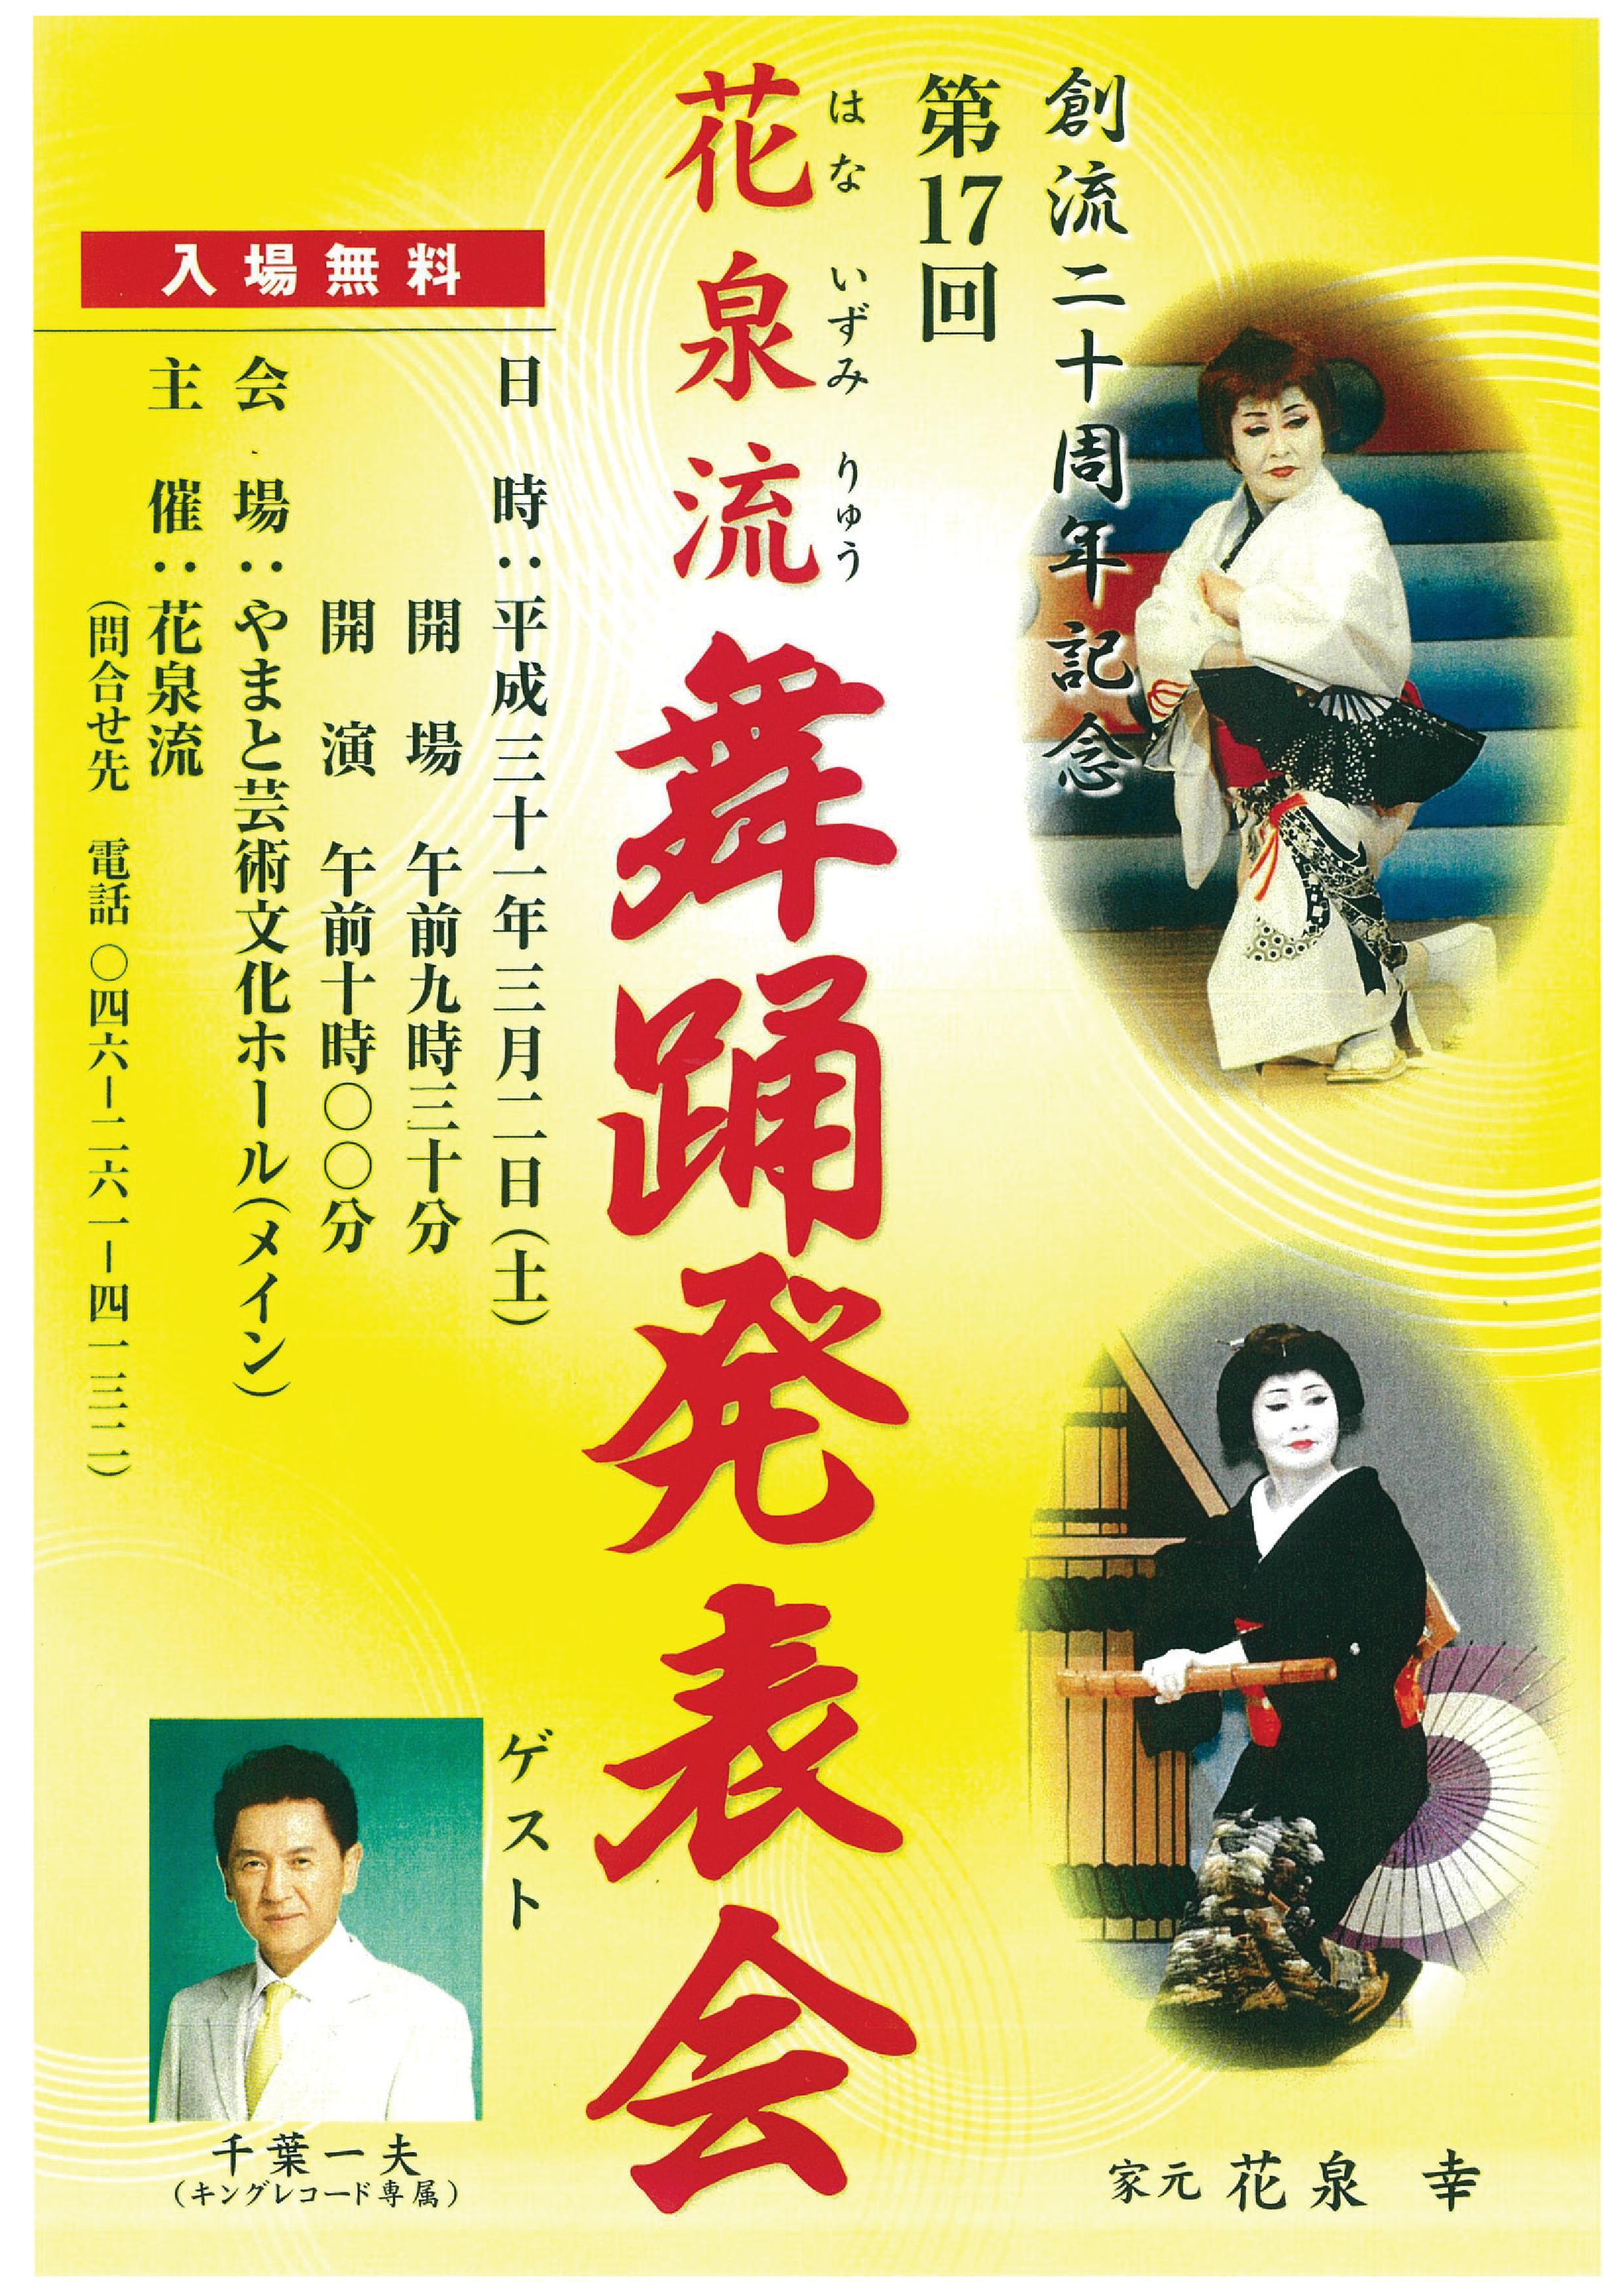 第17回 花泉流舞踊発表会